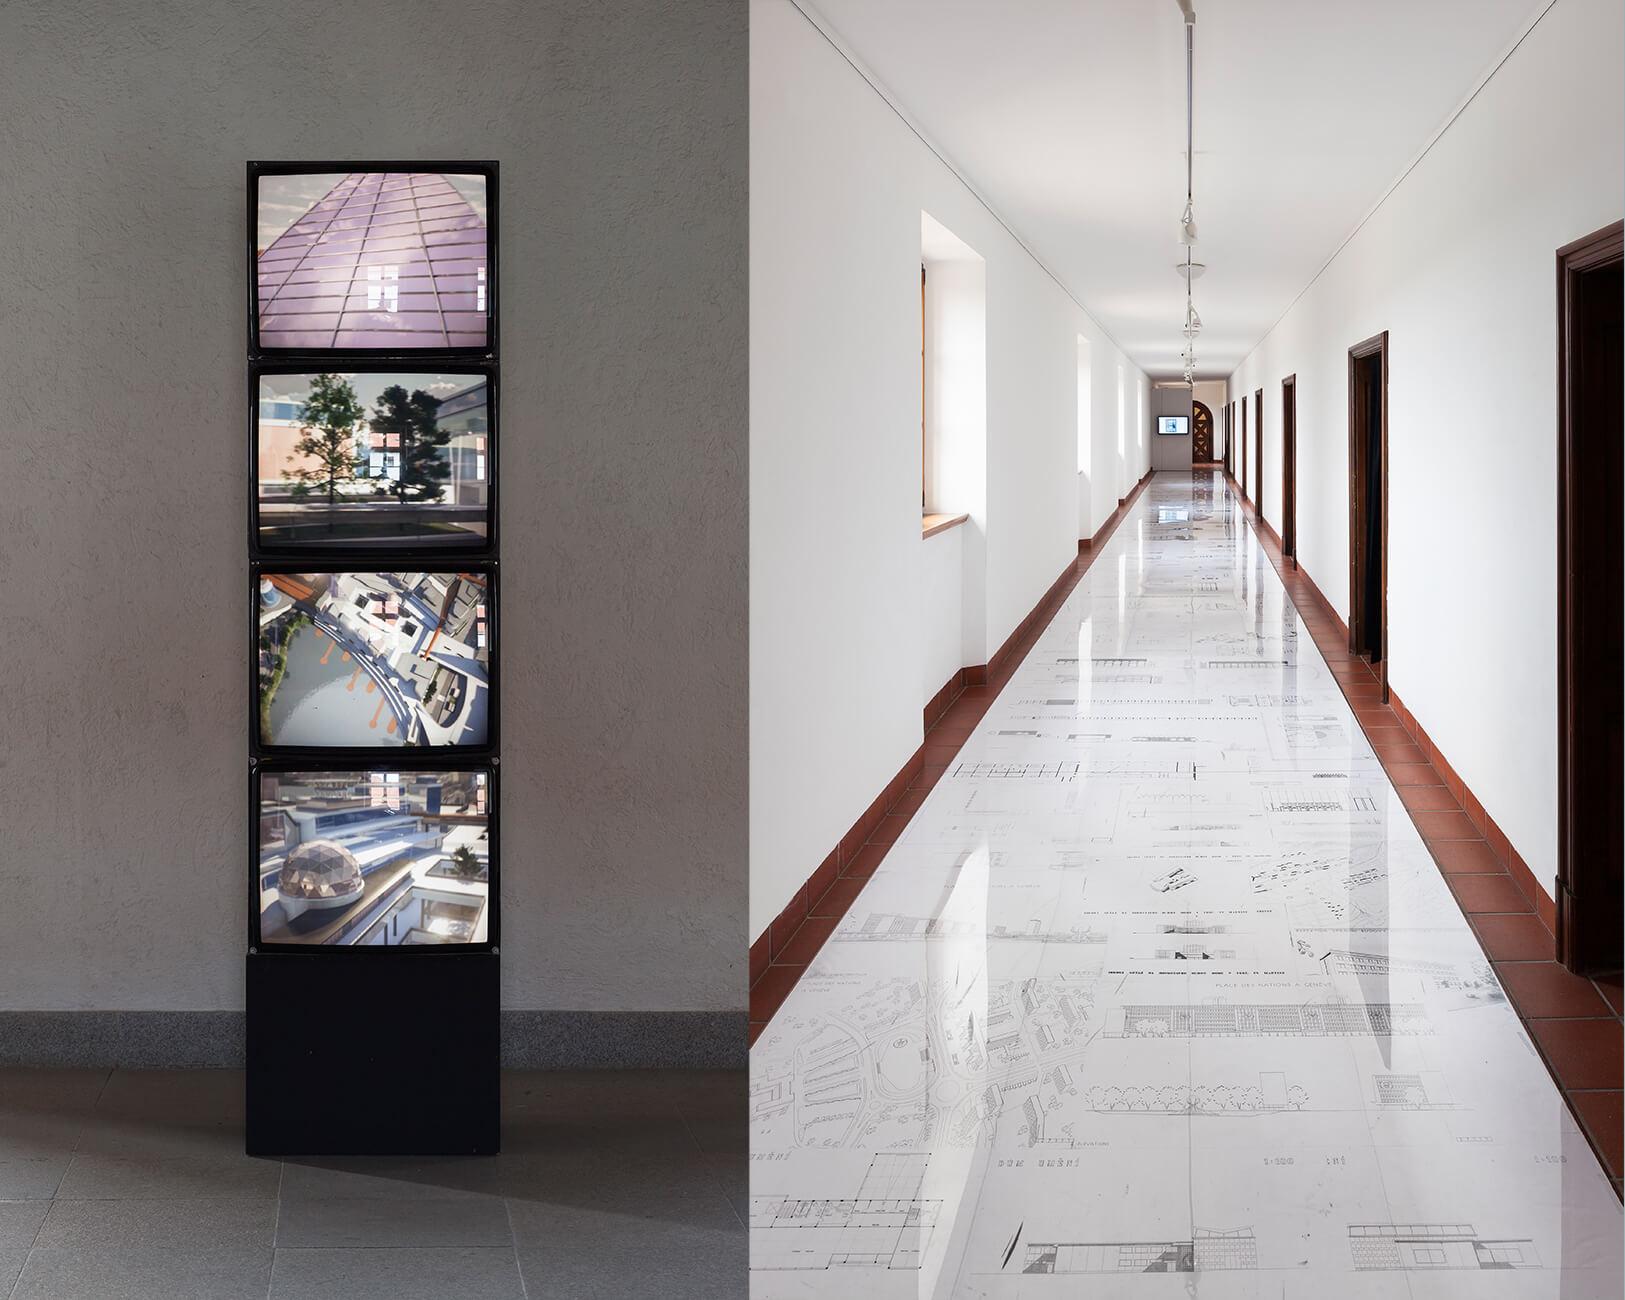 Architektura výstavy Nechtěné dědictví